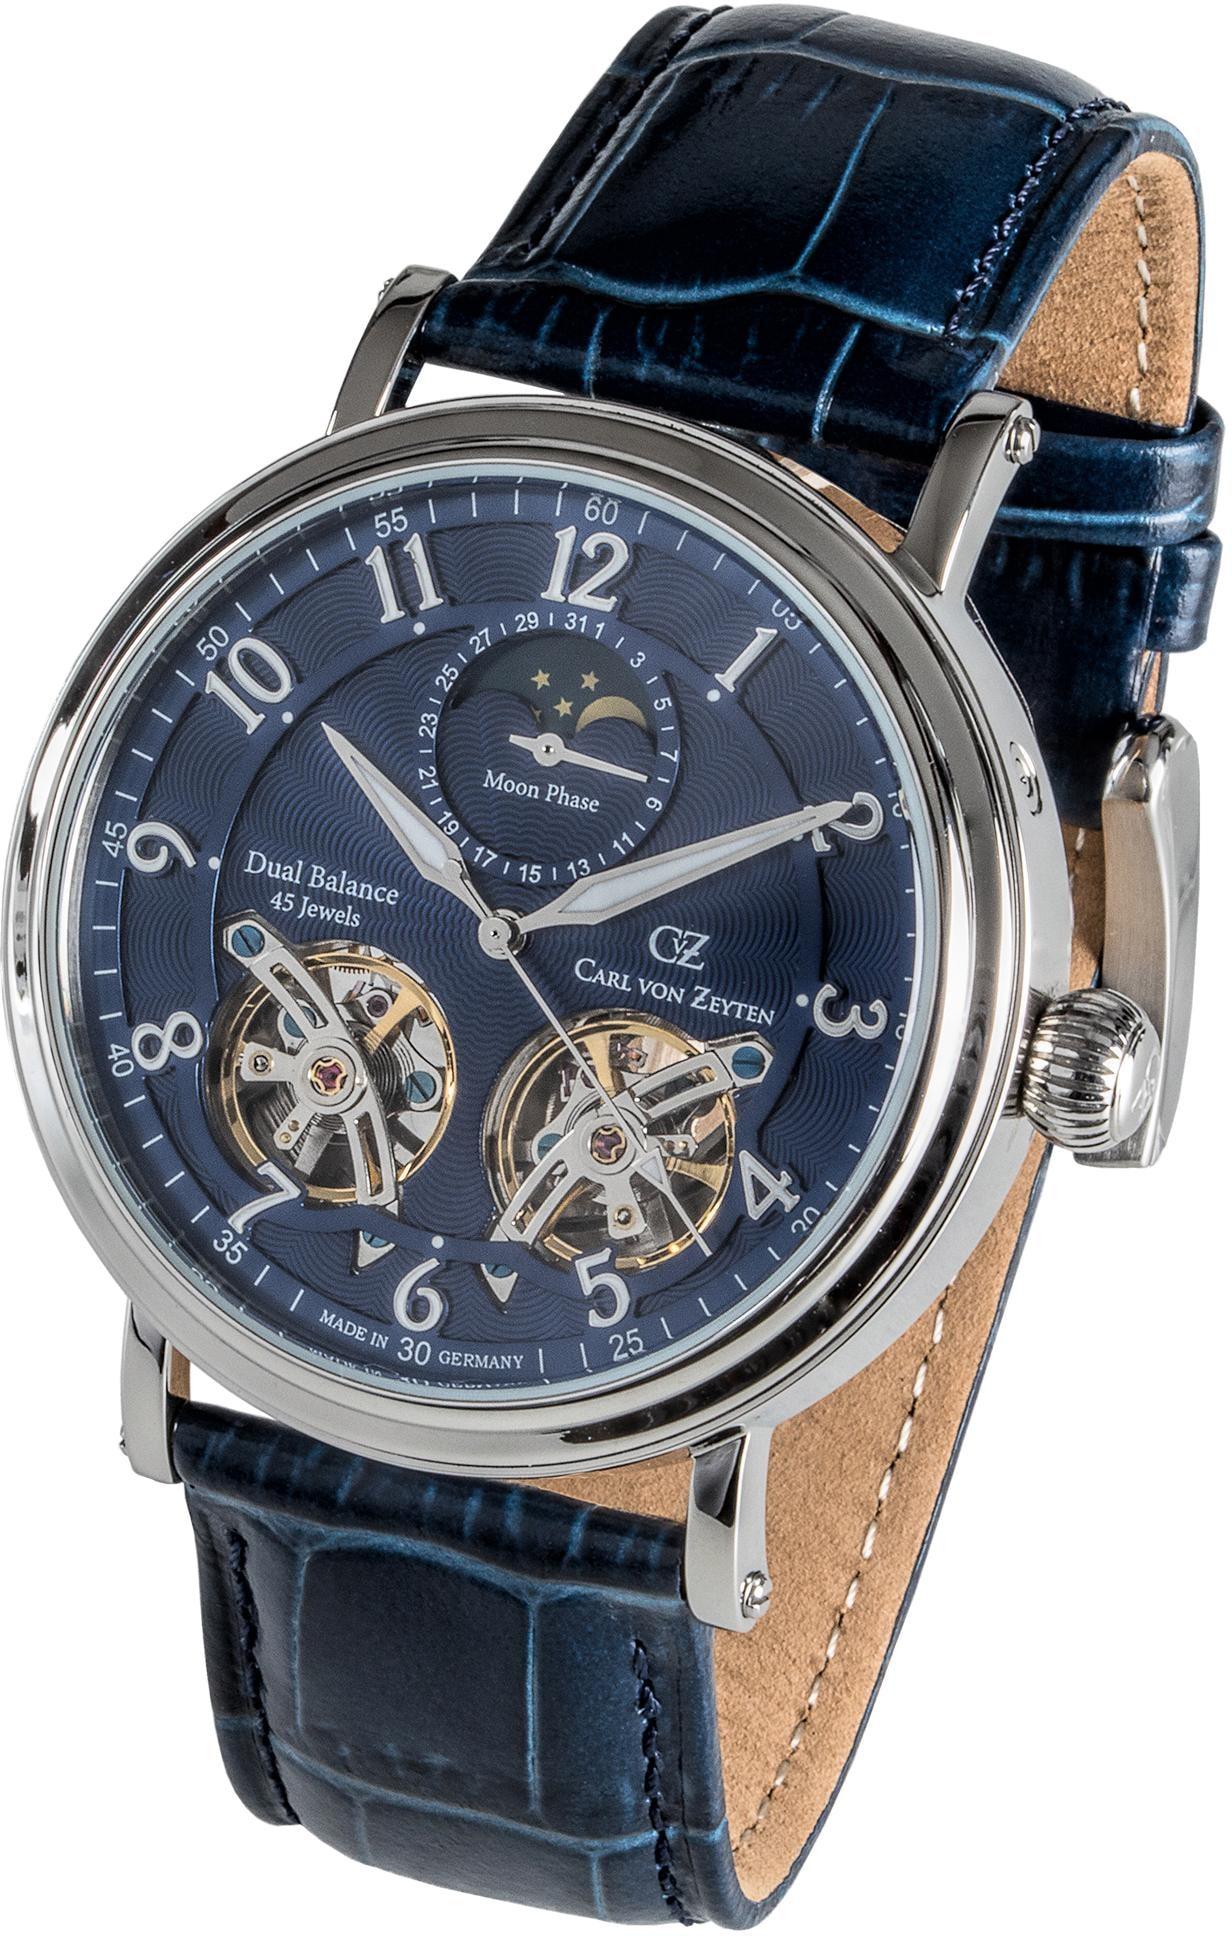 Carl von Zeyten Automatikuhr Murg CVZ0054BL | Uhren > Automatikuhren | Blau | Carl Von Zeyten